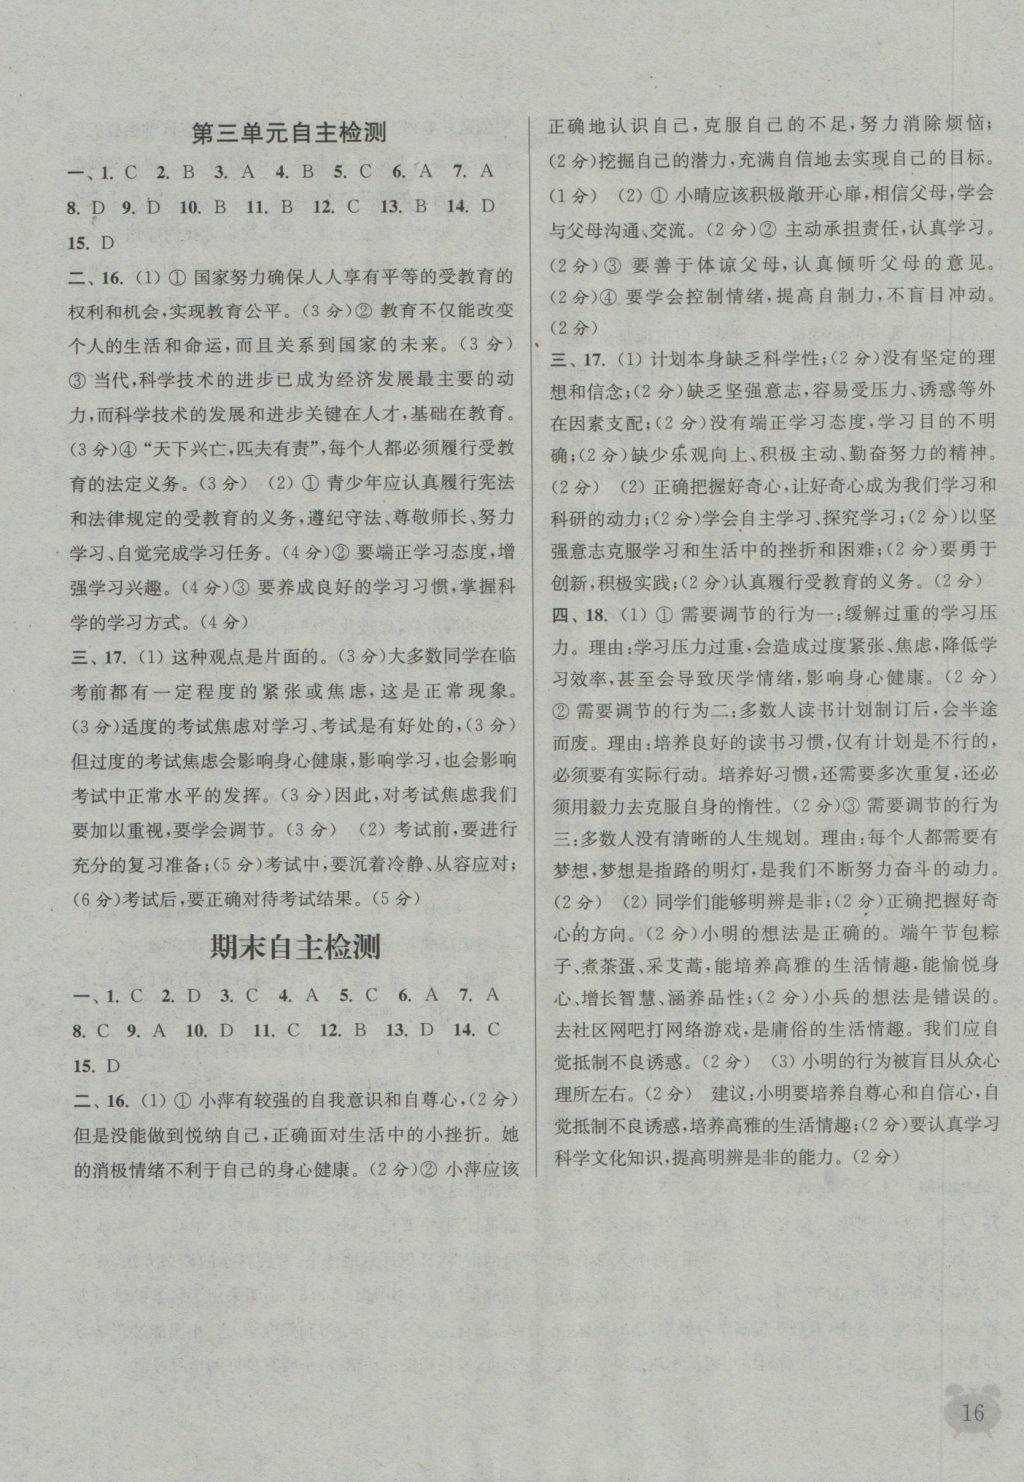 2016年通城学典课时作业本七年级道德与法治上册苏人版江苏专用参考答案第15页